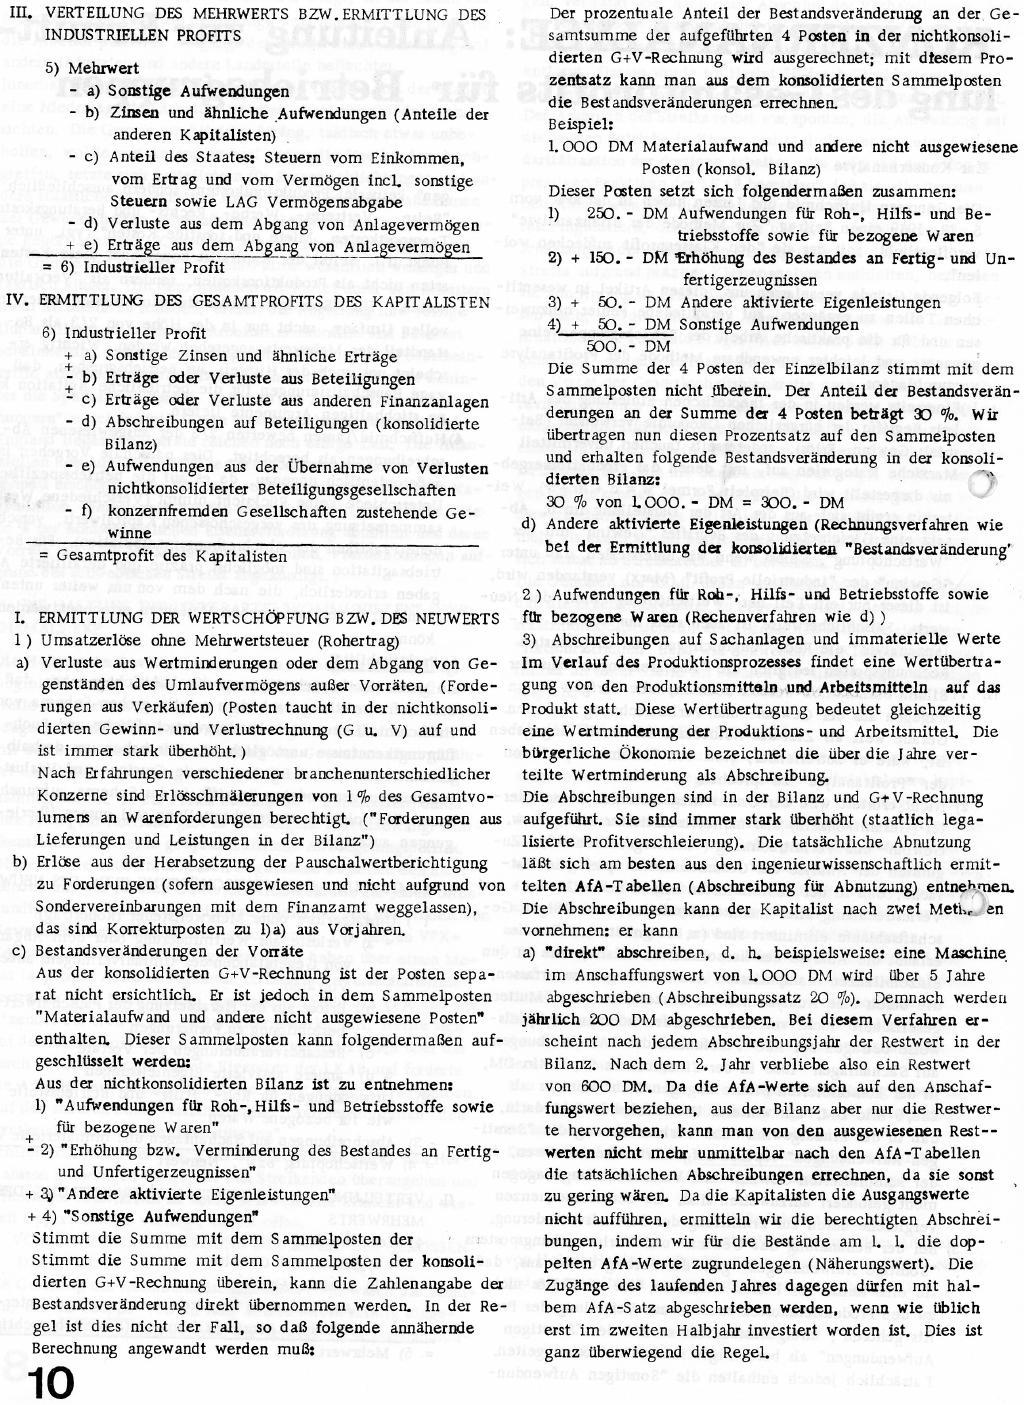 RPK_1970_051_10